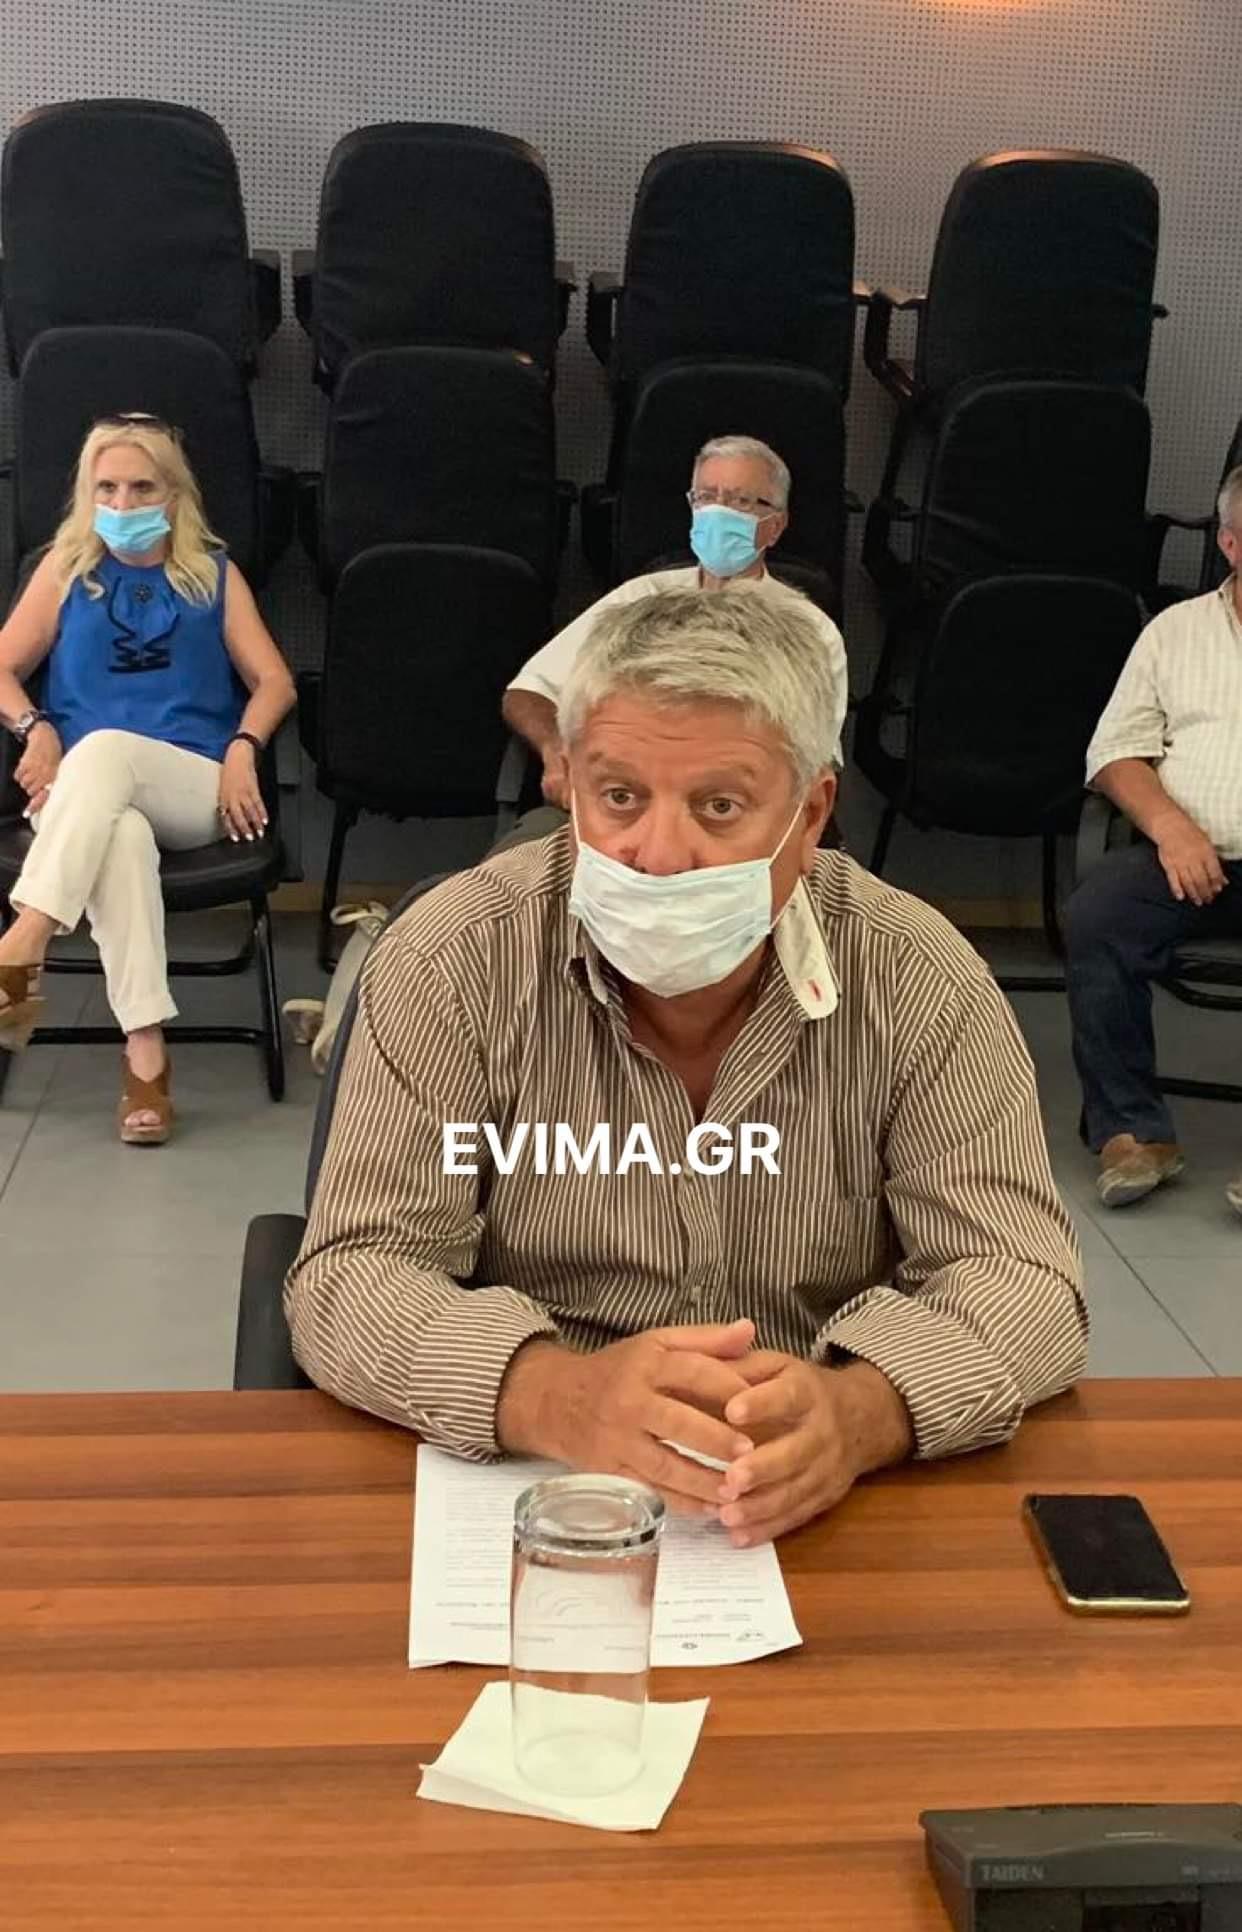 Επιμελητήριο: Προτάσεις για την επιπλέον στήριξη των Επιχειρήσεων της Κεντρικής Εύβοιας μετά τις συνέπειες από την θεομηνία